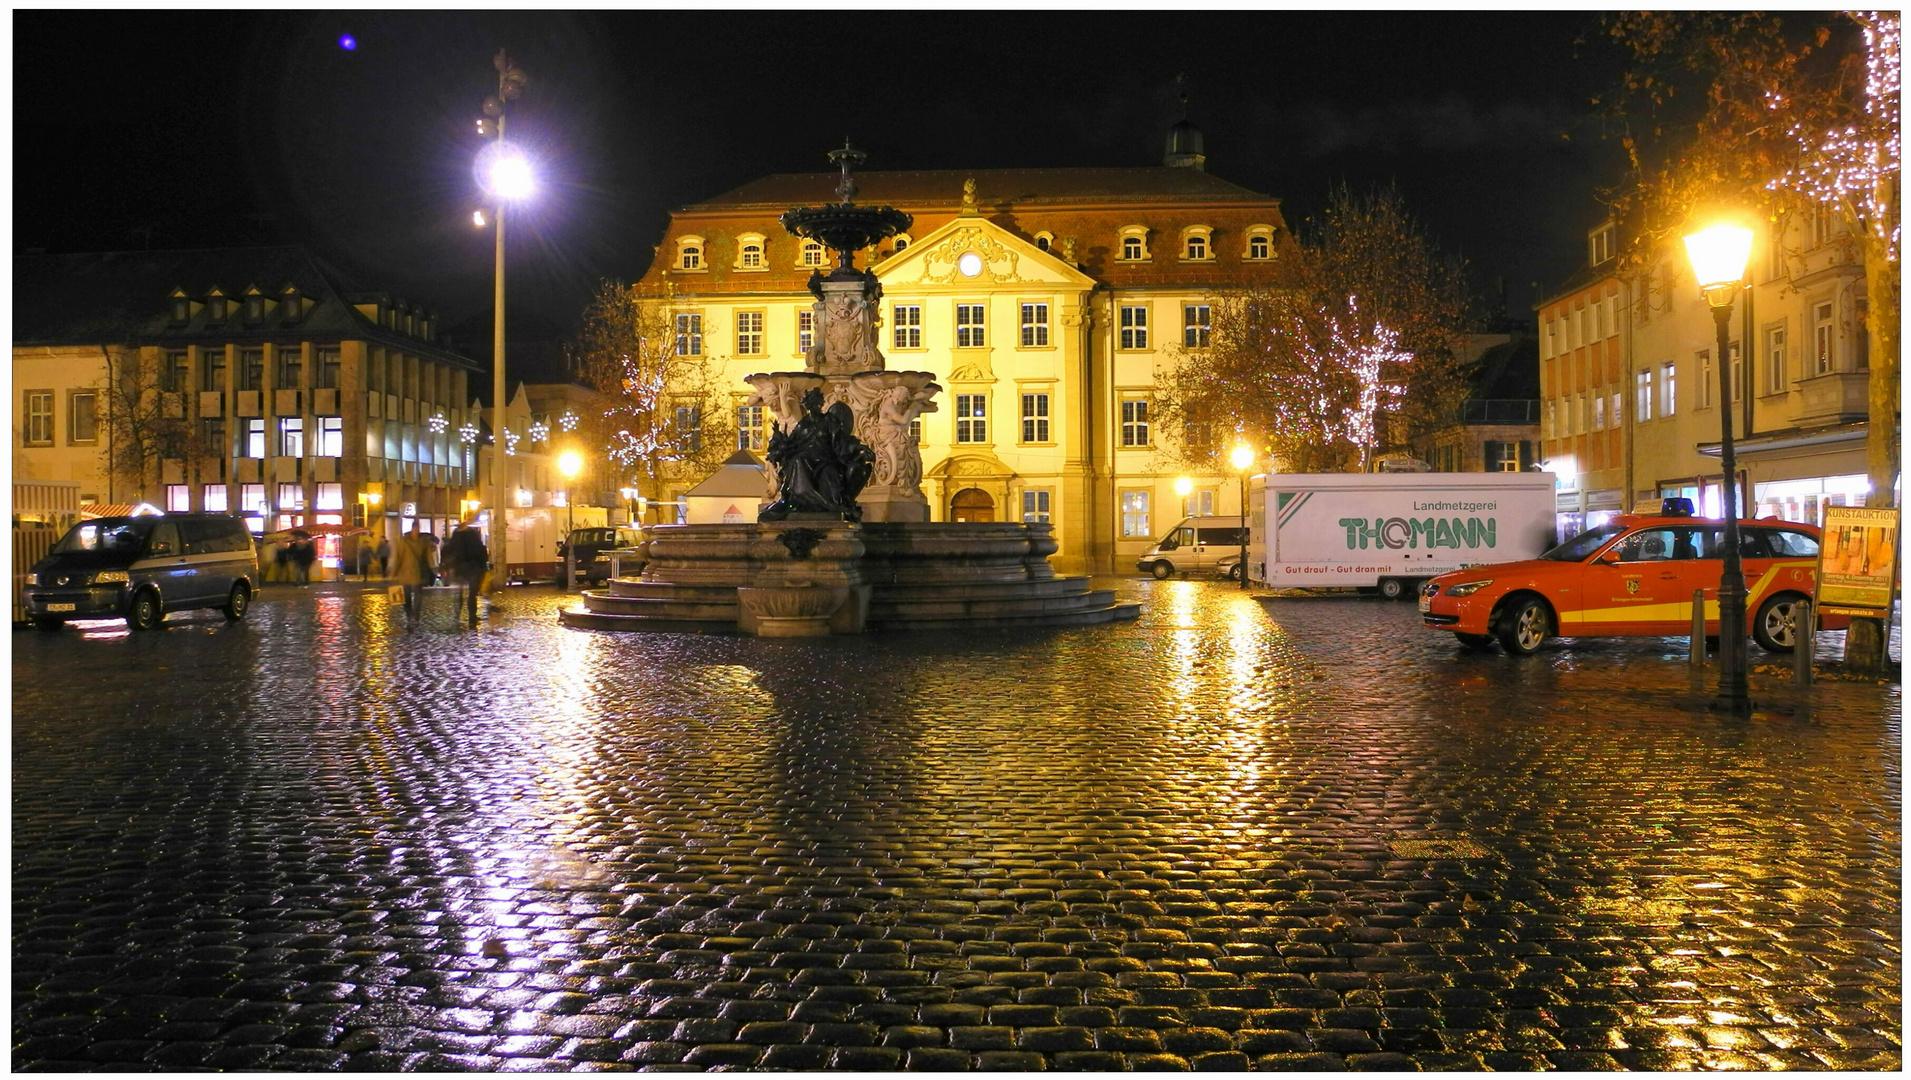 Erlangen 2011, plaza mayor (Marktplatz)